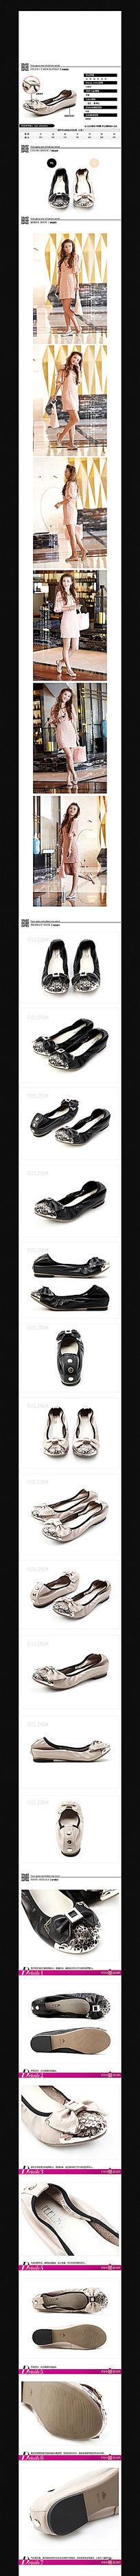 淘宝纯皮女鞋详情页细节PSD设计模板